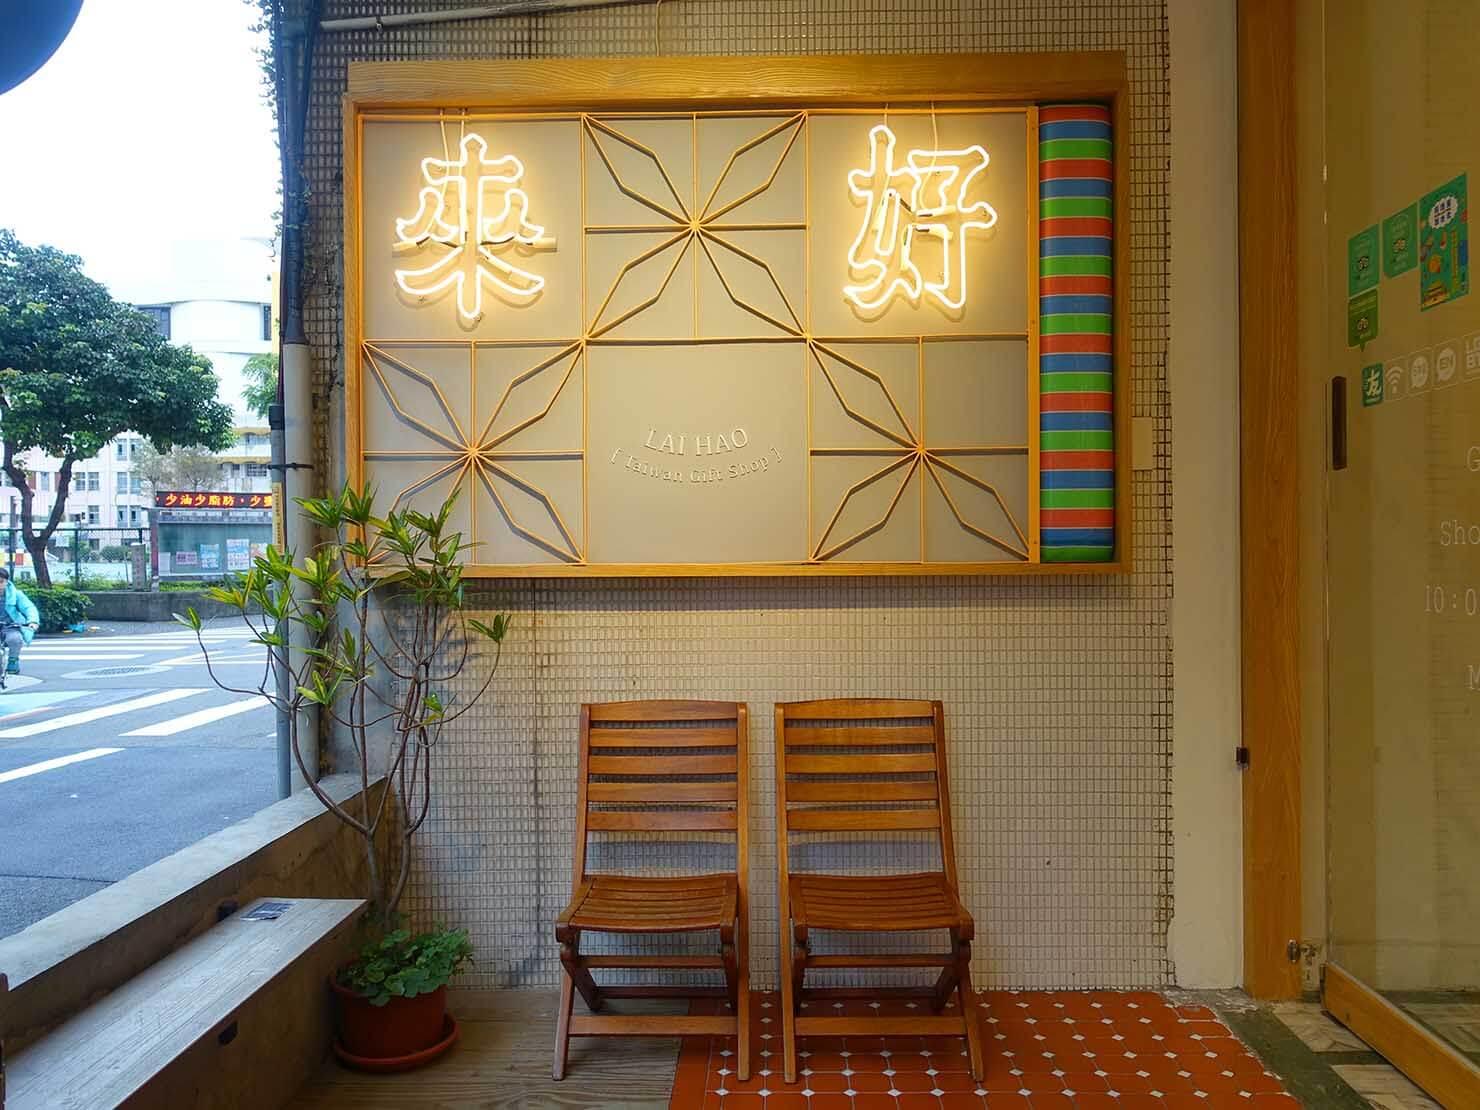 台北・永康街のおすすめおみやげショップ「來好 LAIHAO」のエントランス